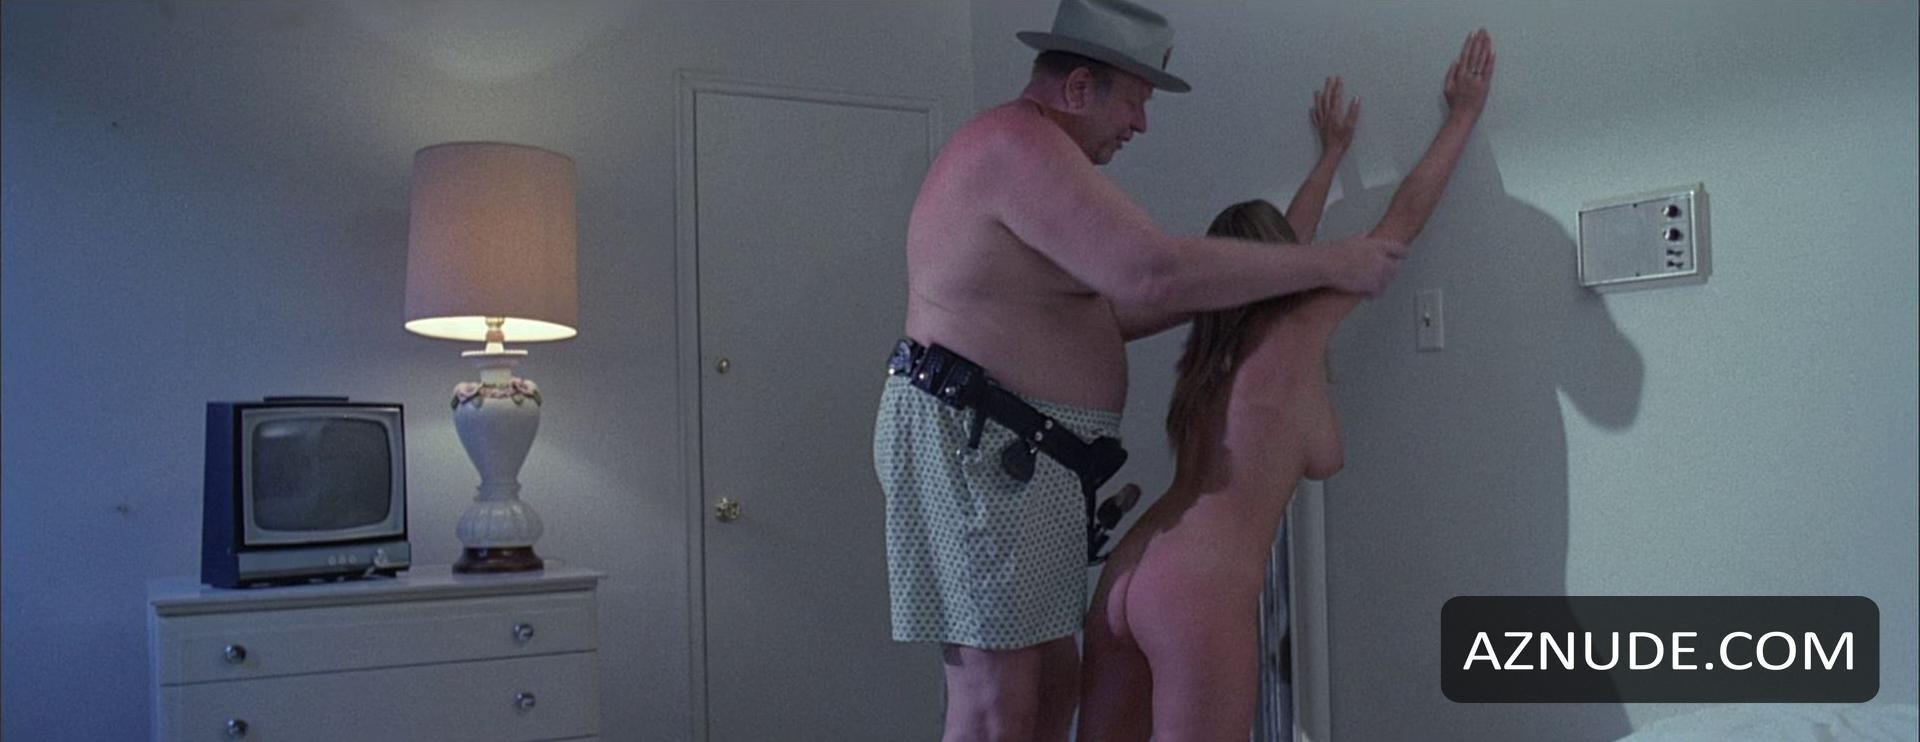 uschi digard naked photos